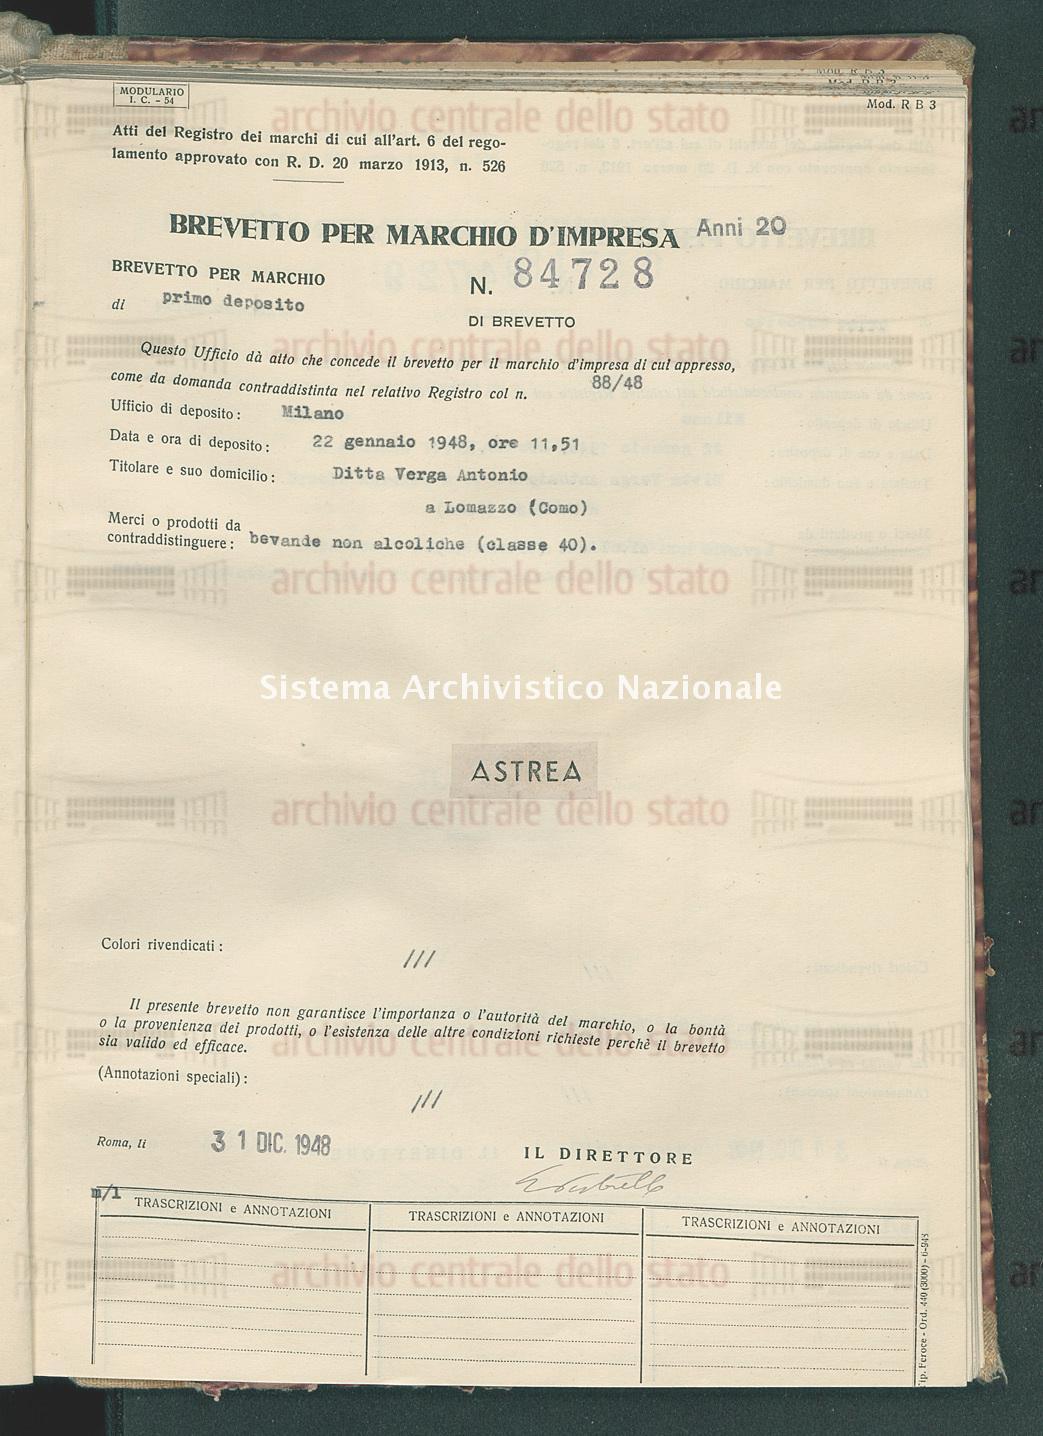 Bevande non alcoliche Ditta Verga Antonio (31/12/1948)